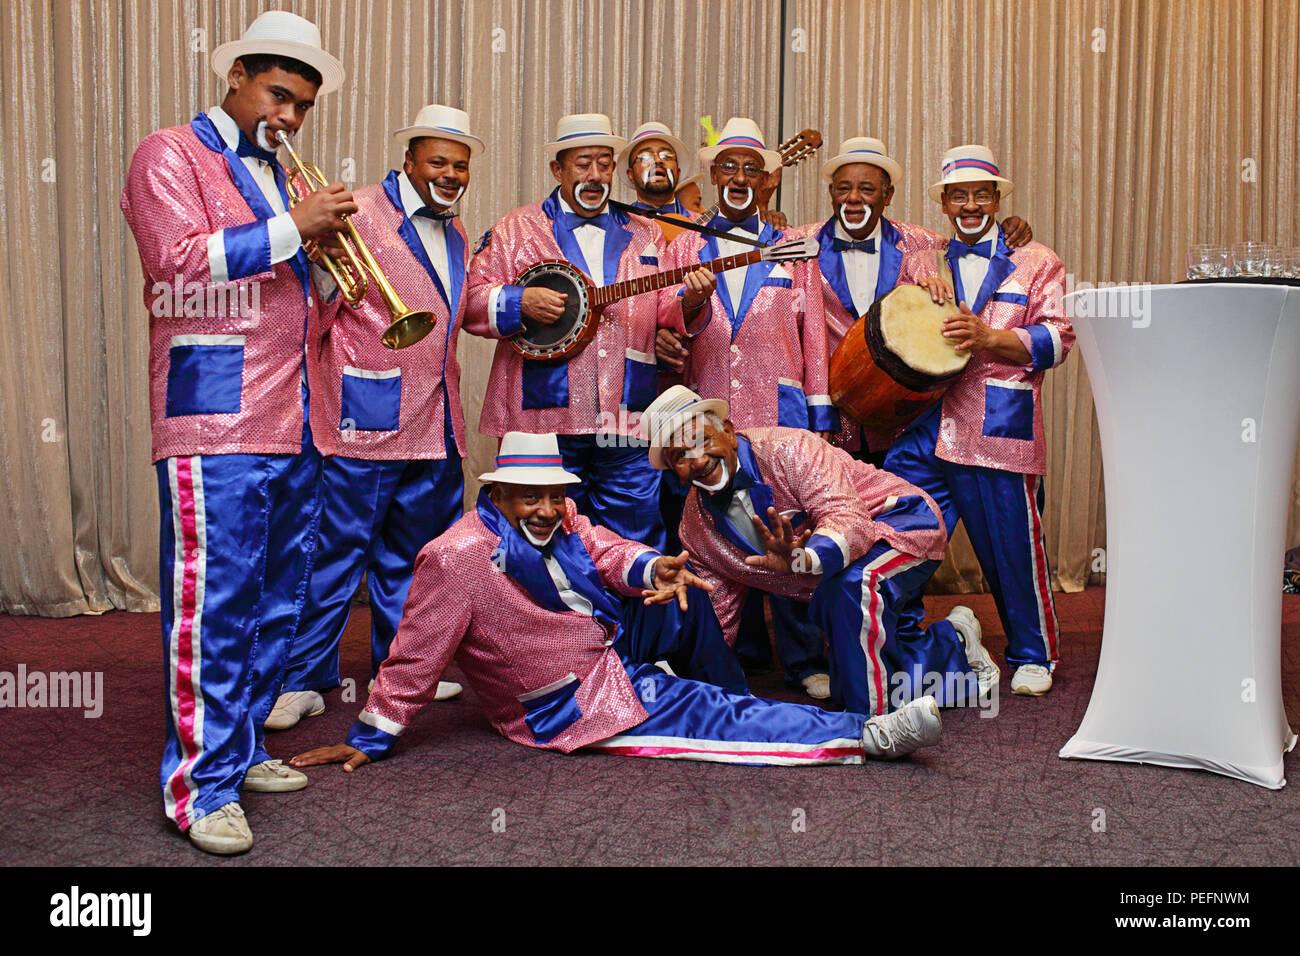 Kaapse Klopse minstrels garbed in luminosi colori,e la riproduzione di una vasta gamma di strumenti musicali Immagini Stock